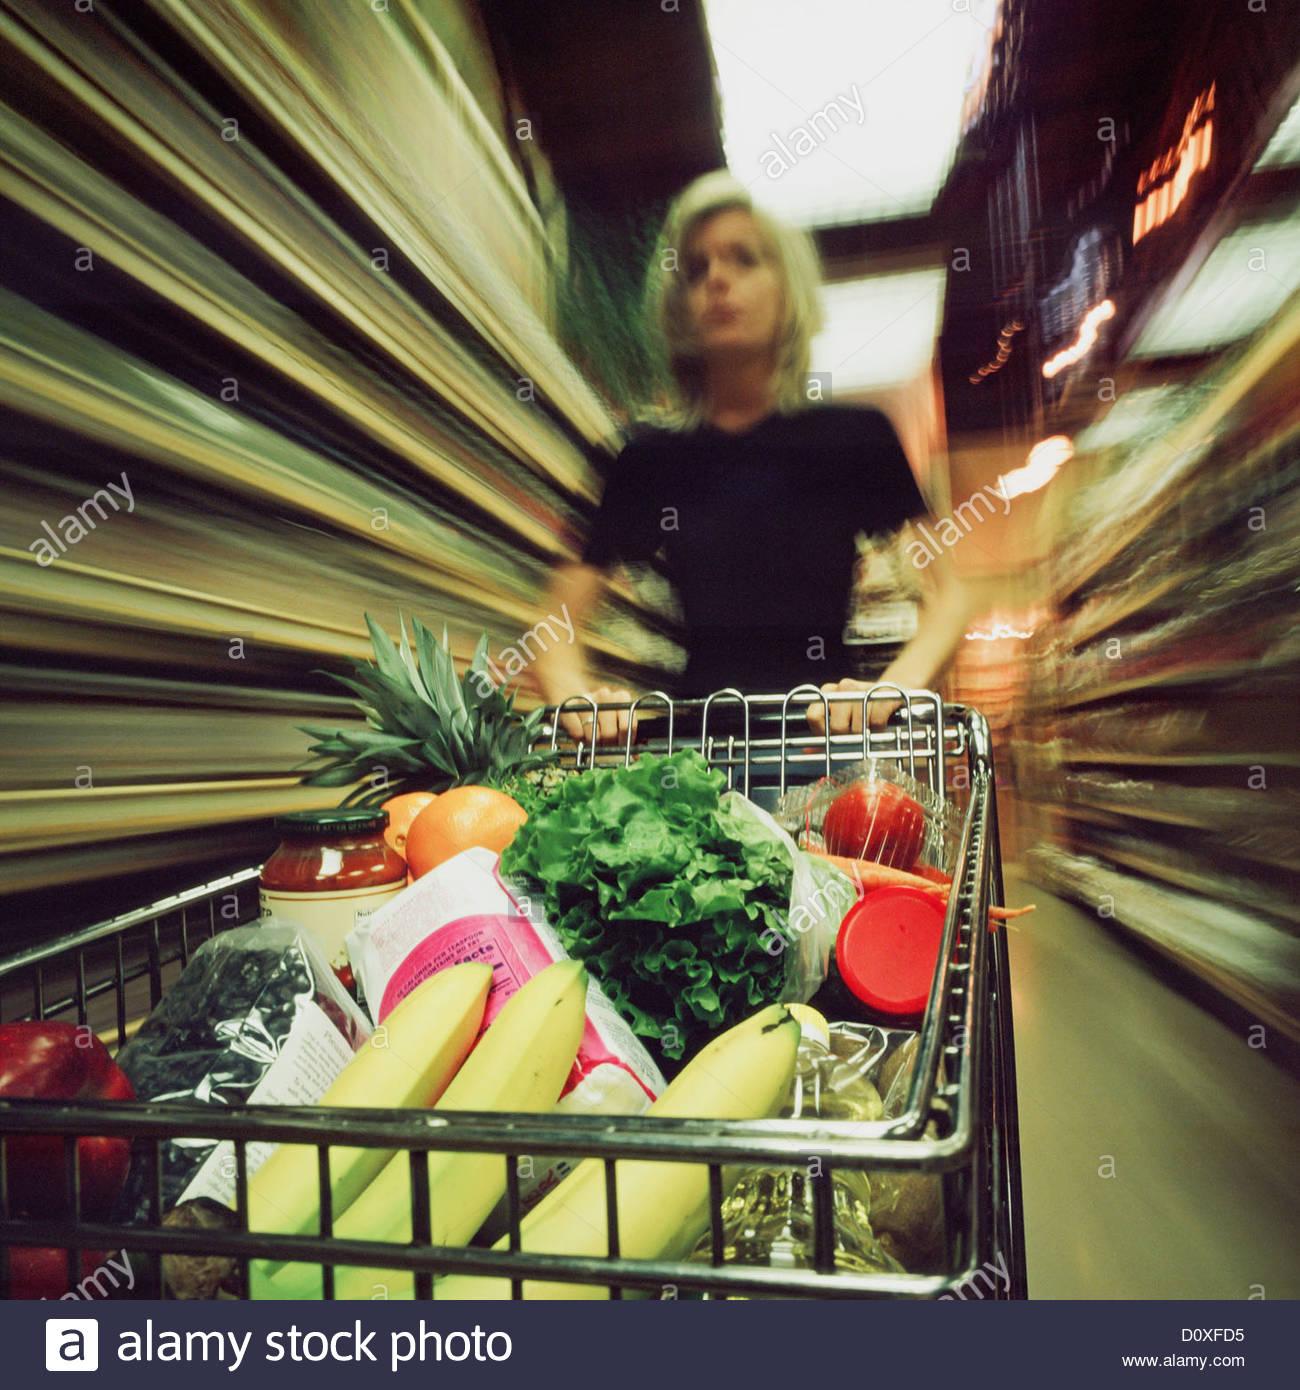 Frau im Supermarkt mit Trolley, Bewegungsunschärfe Stockbild